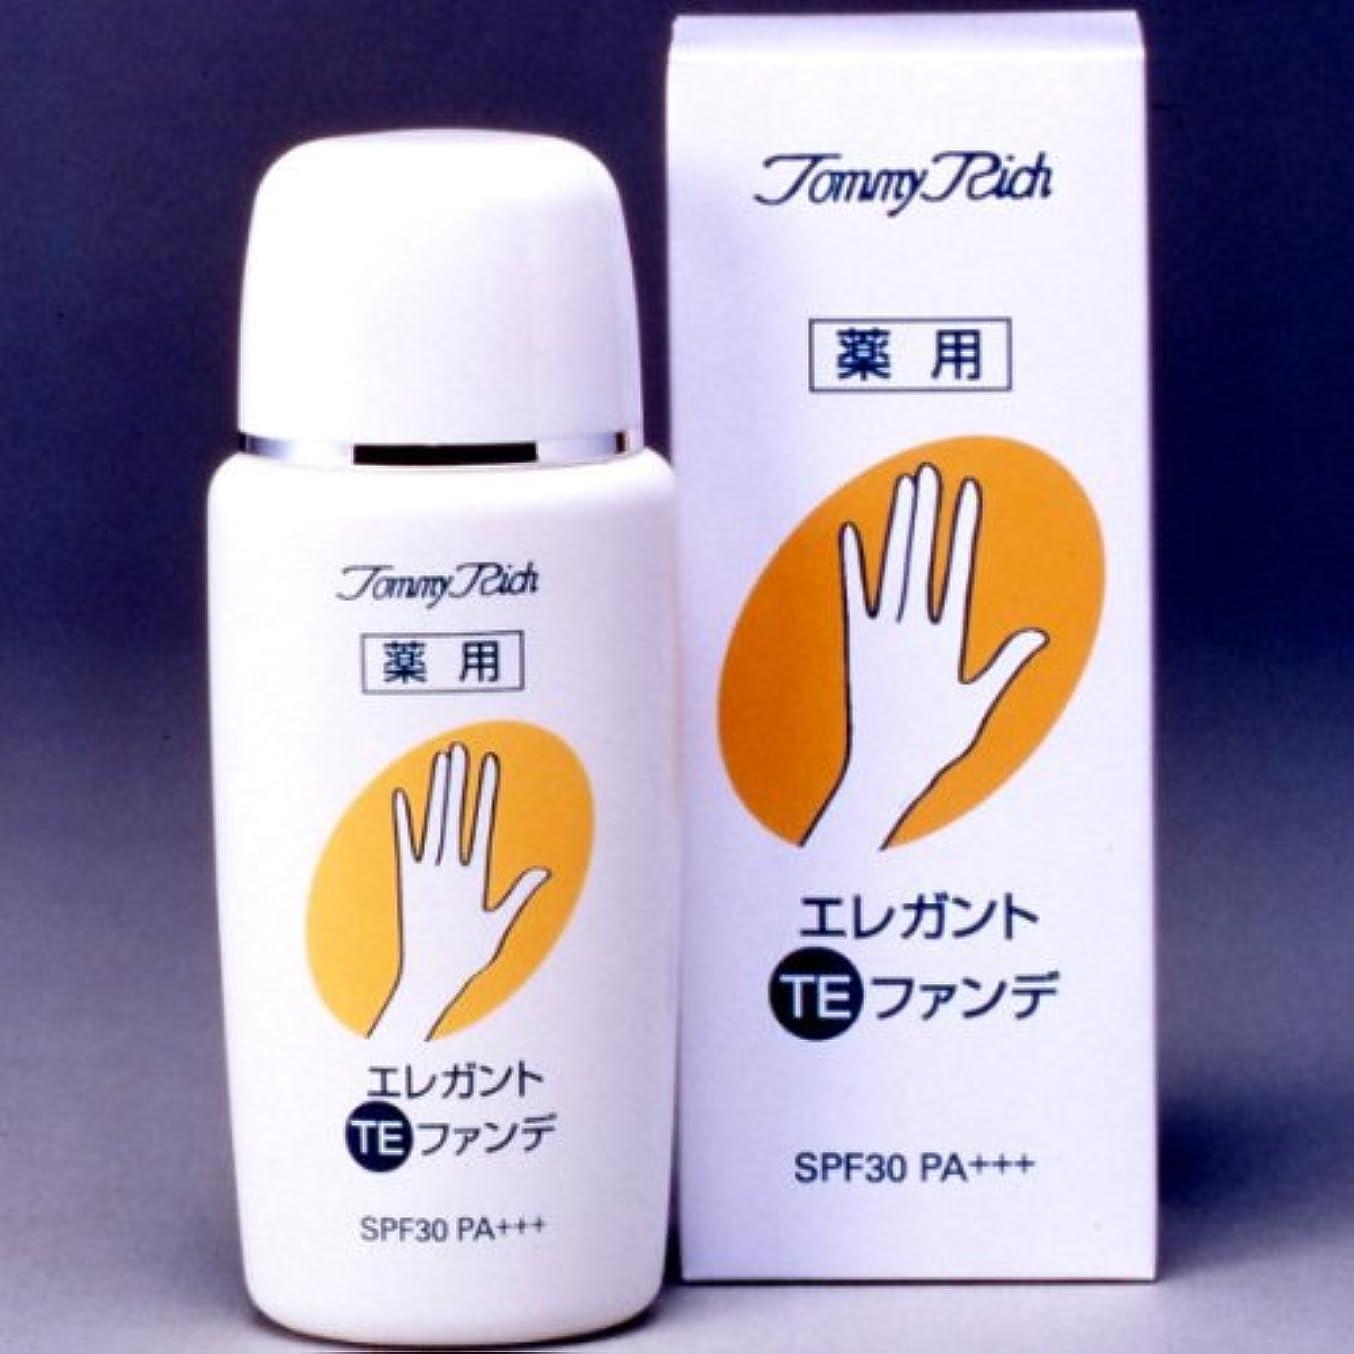 好き最も進化する手や腕のシミや老班をカバーして、白く清潔で美しい手になる!!『薬用エレガントTEファンデ 』